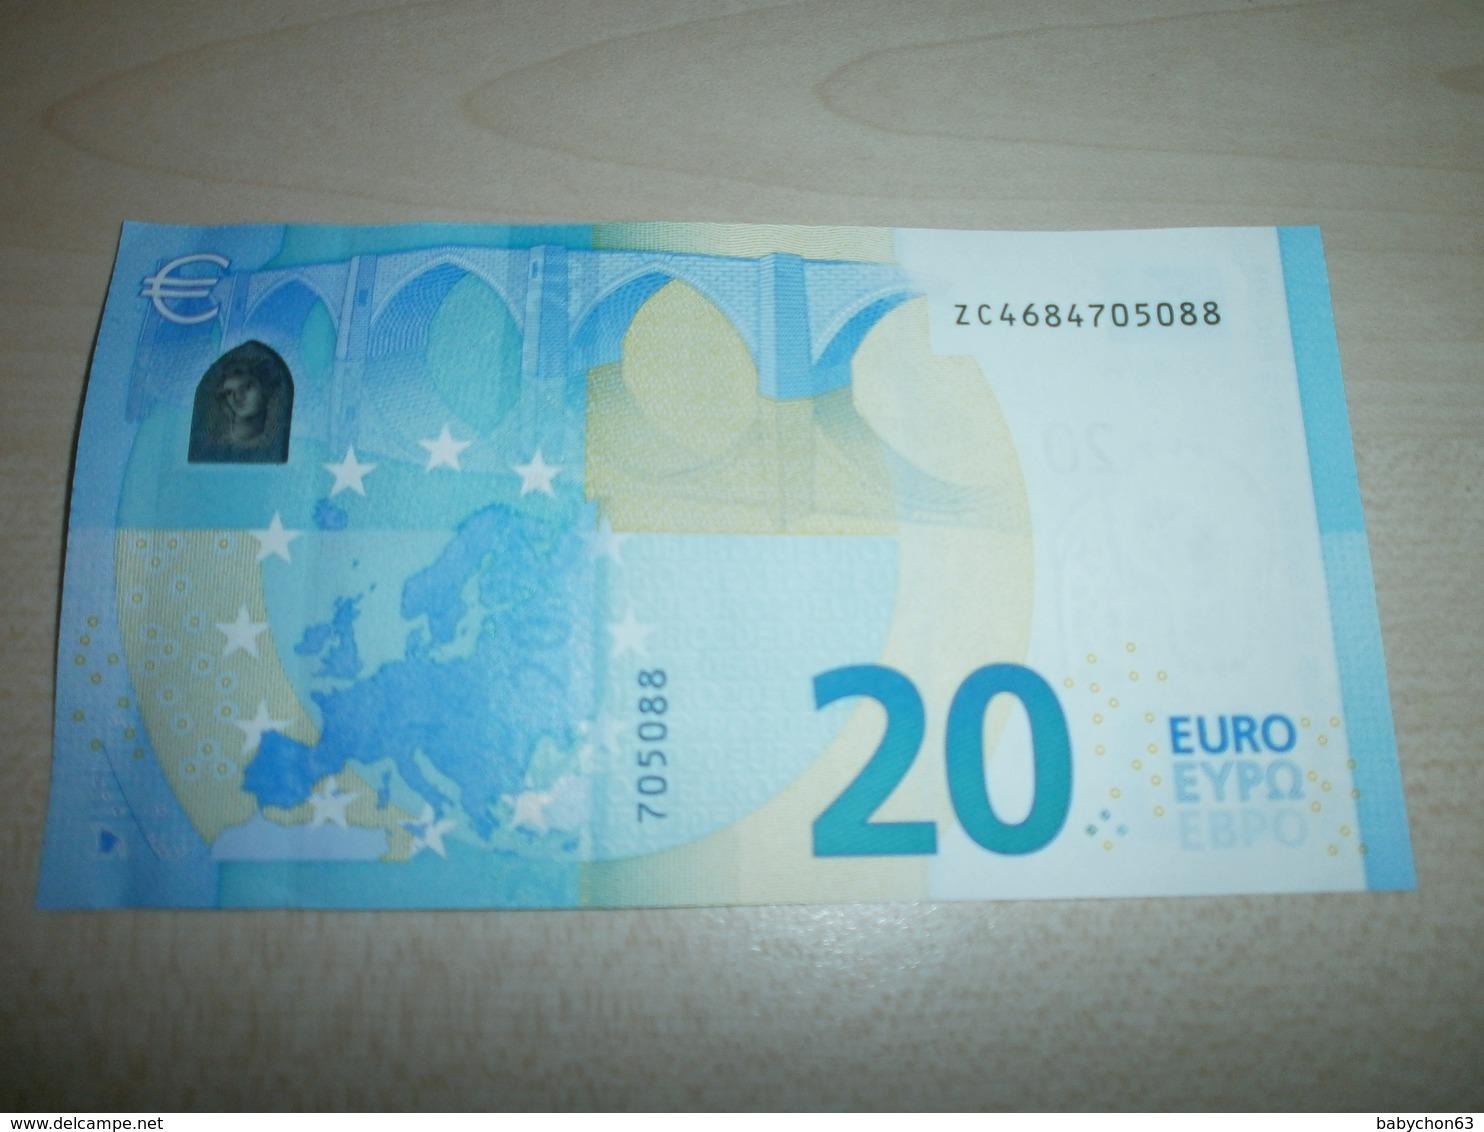 20 EUROS (Z Z020 G1) - EURO